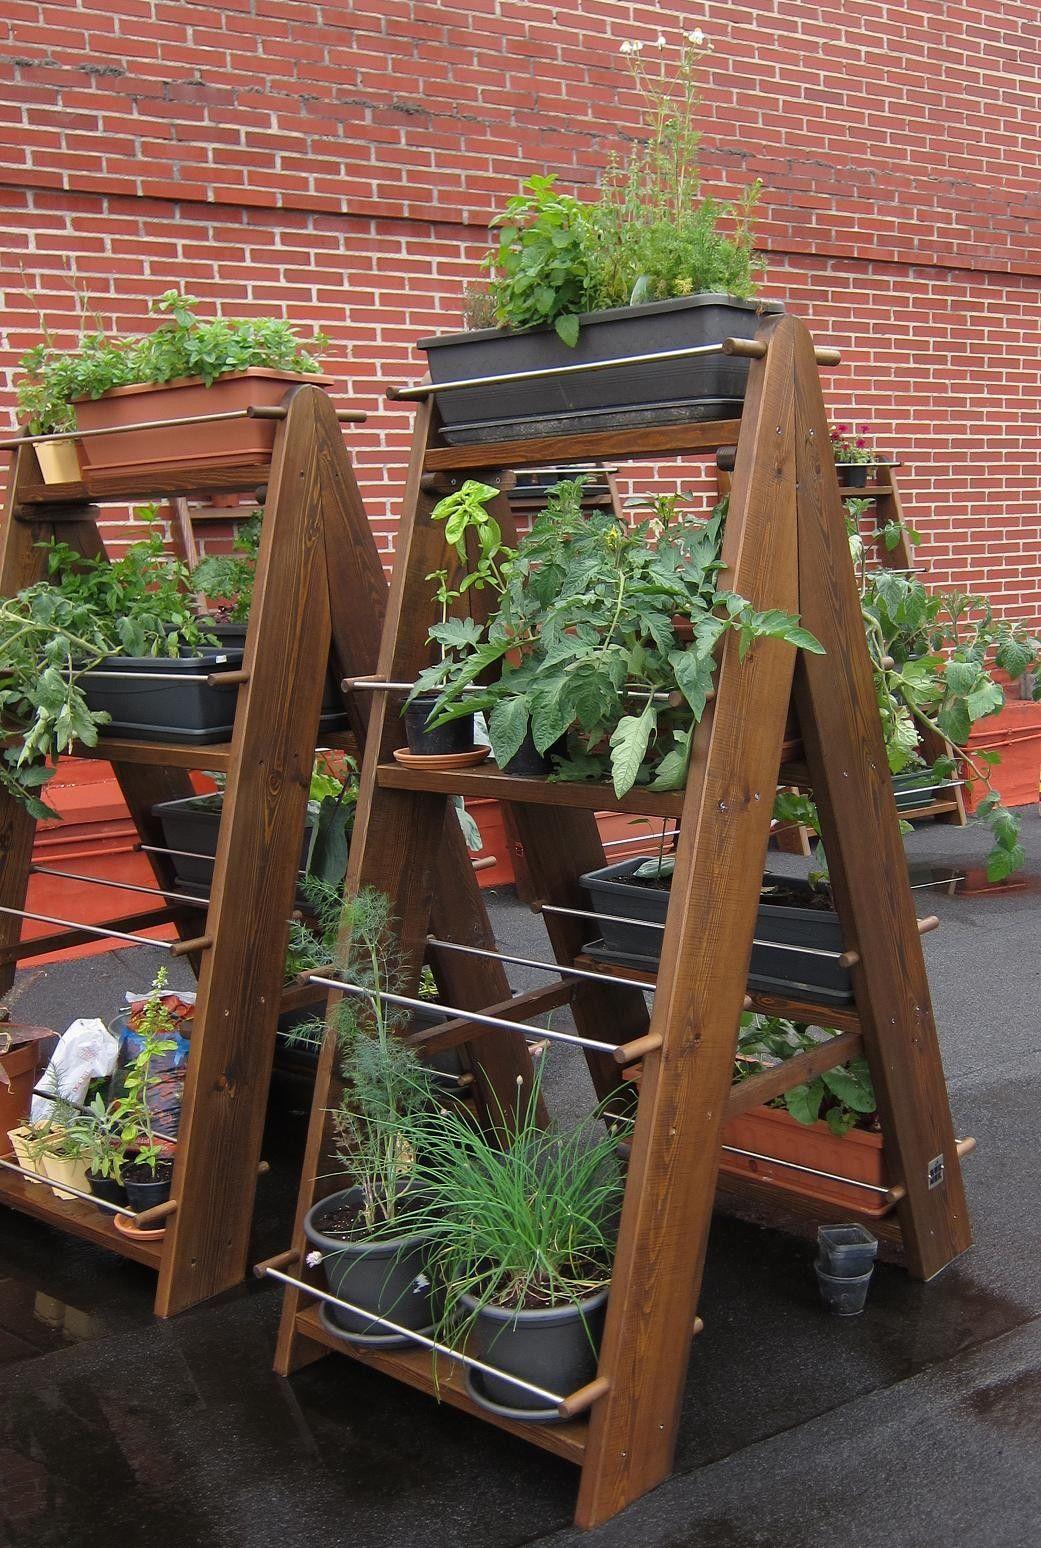 Huertas verticales buscar con google potager au balcon potager jardins verticaux et - Jardin au balcon ...